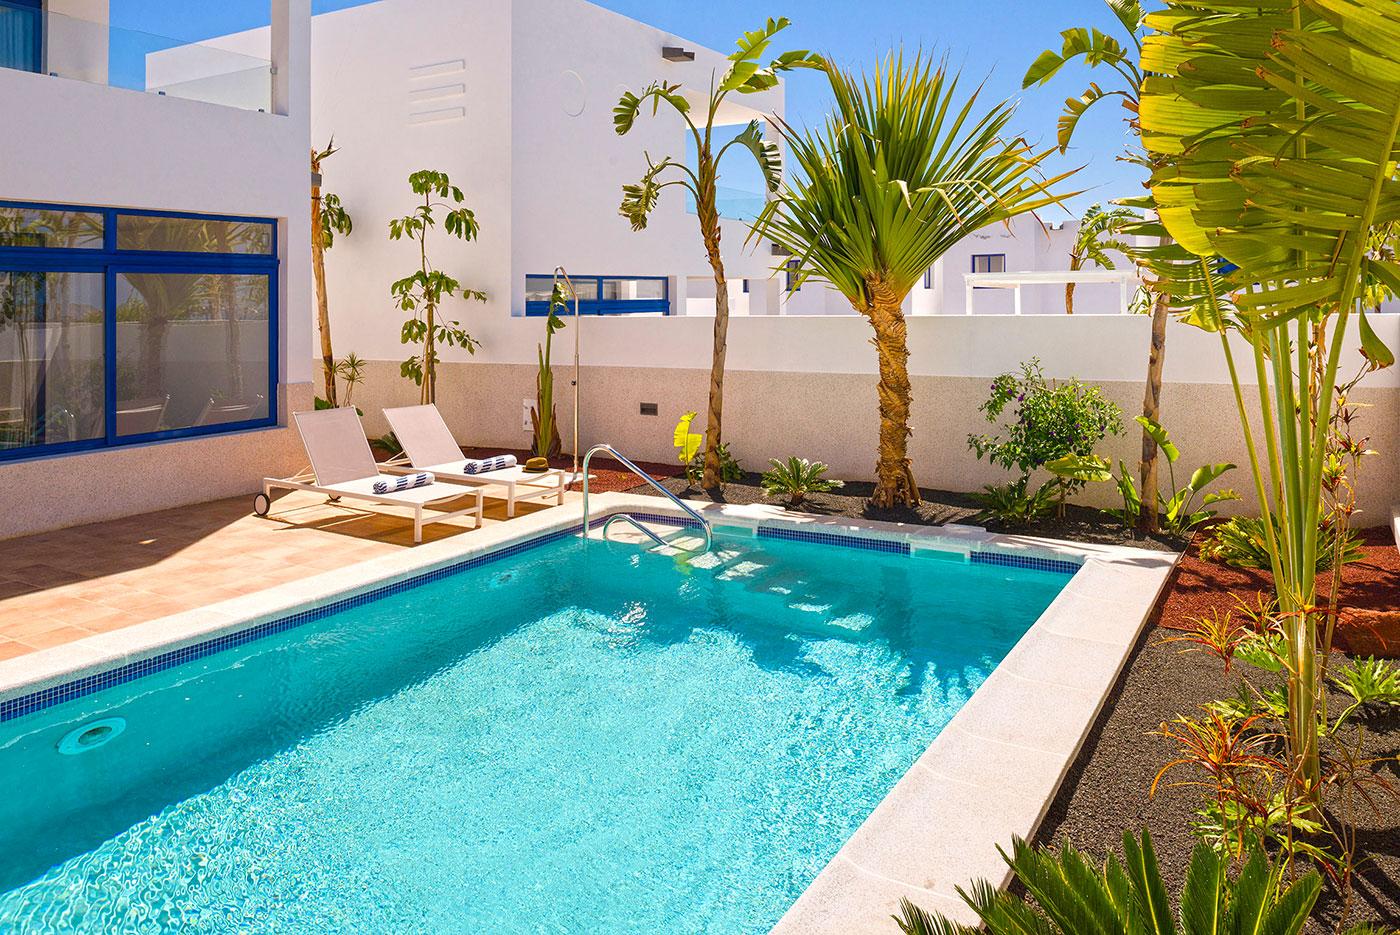 villas-de-la-marina-pool-roman-steps_5